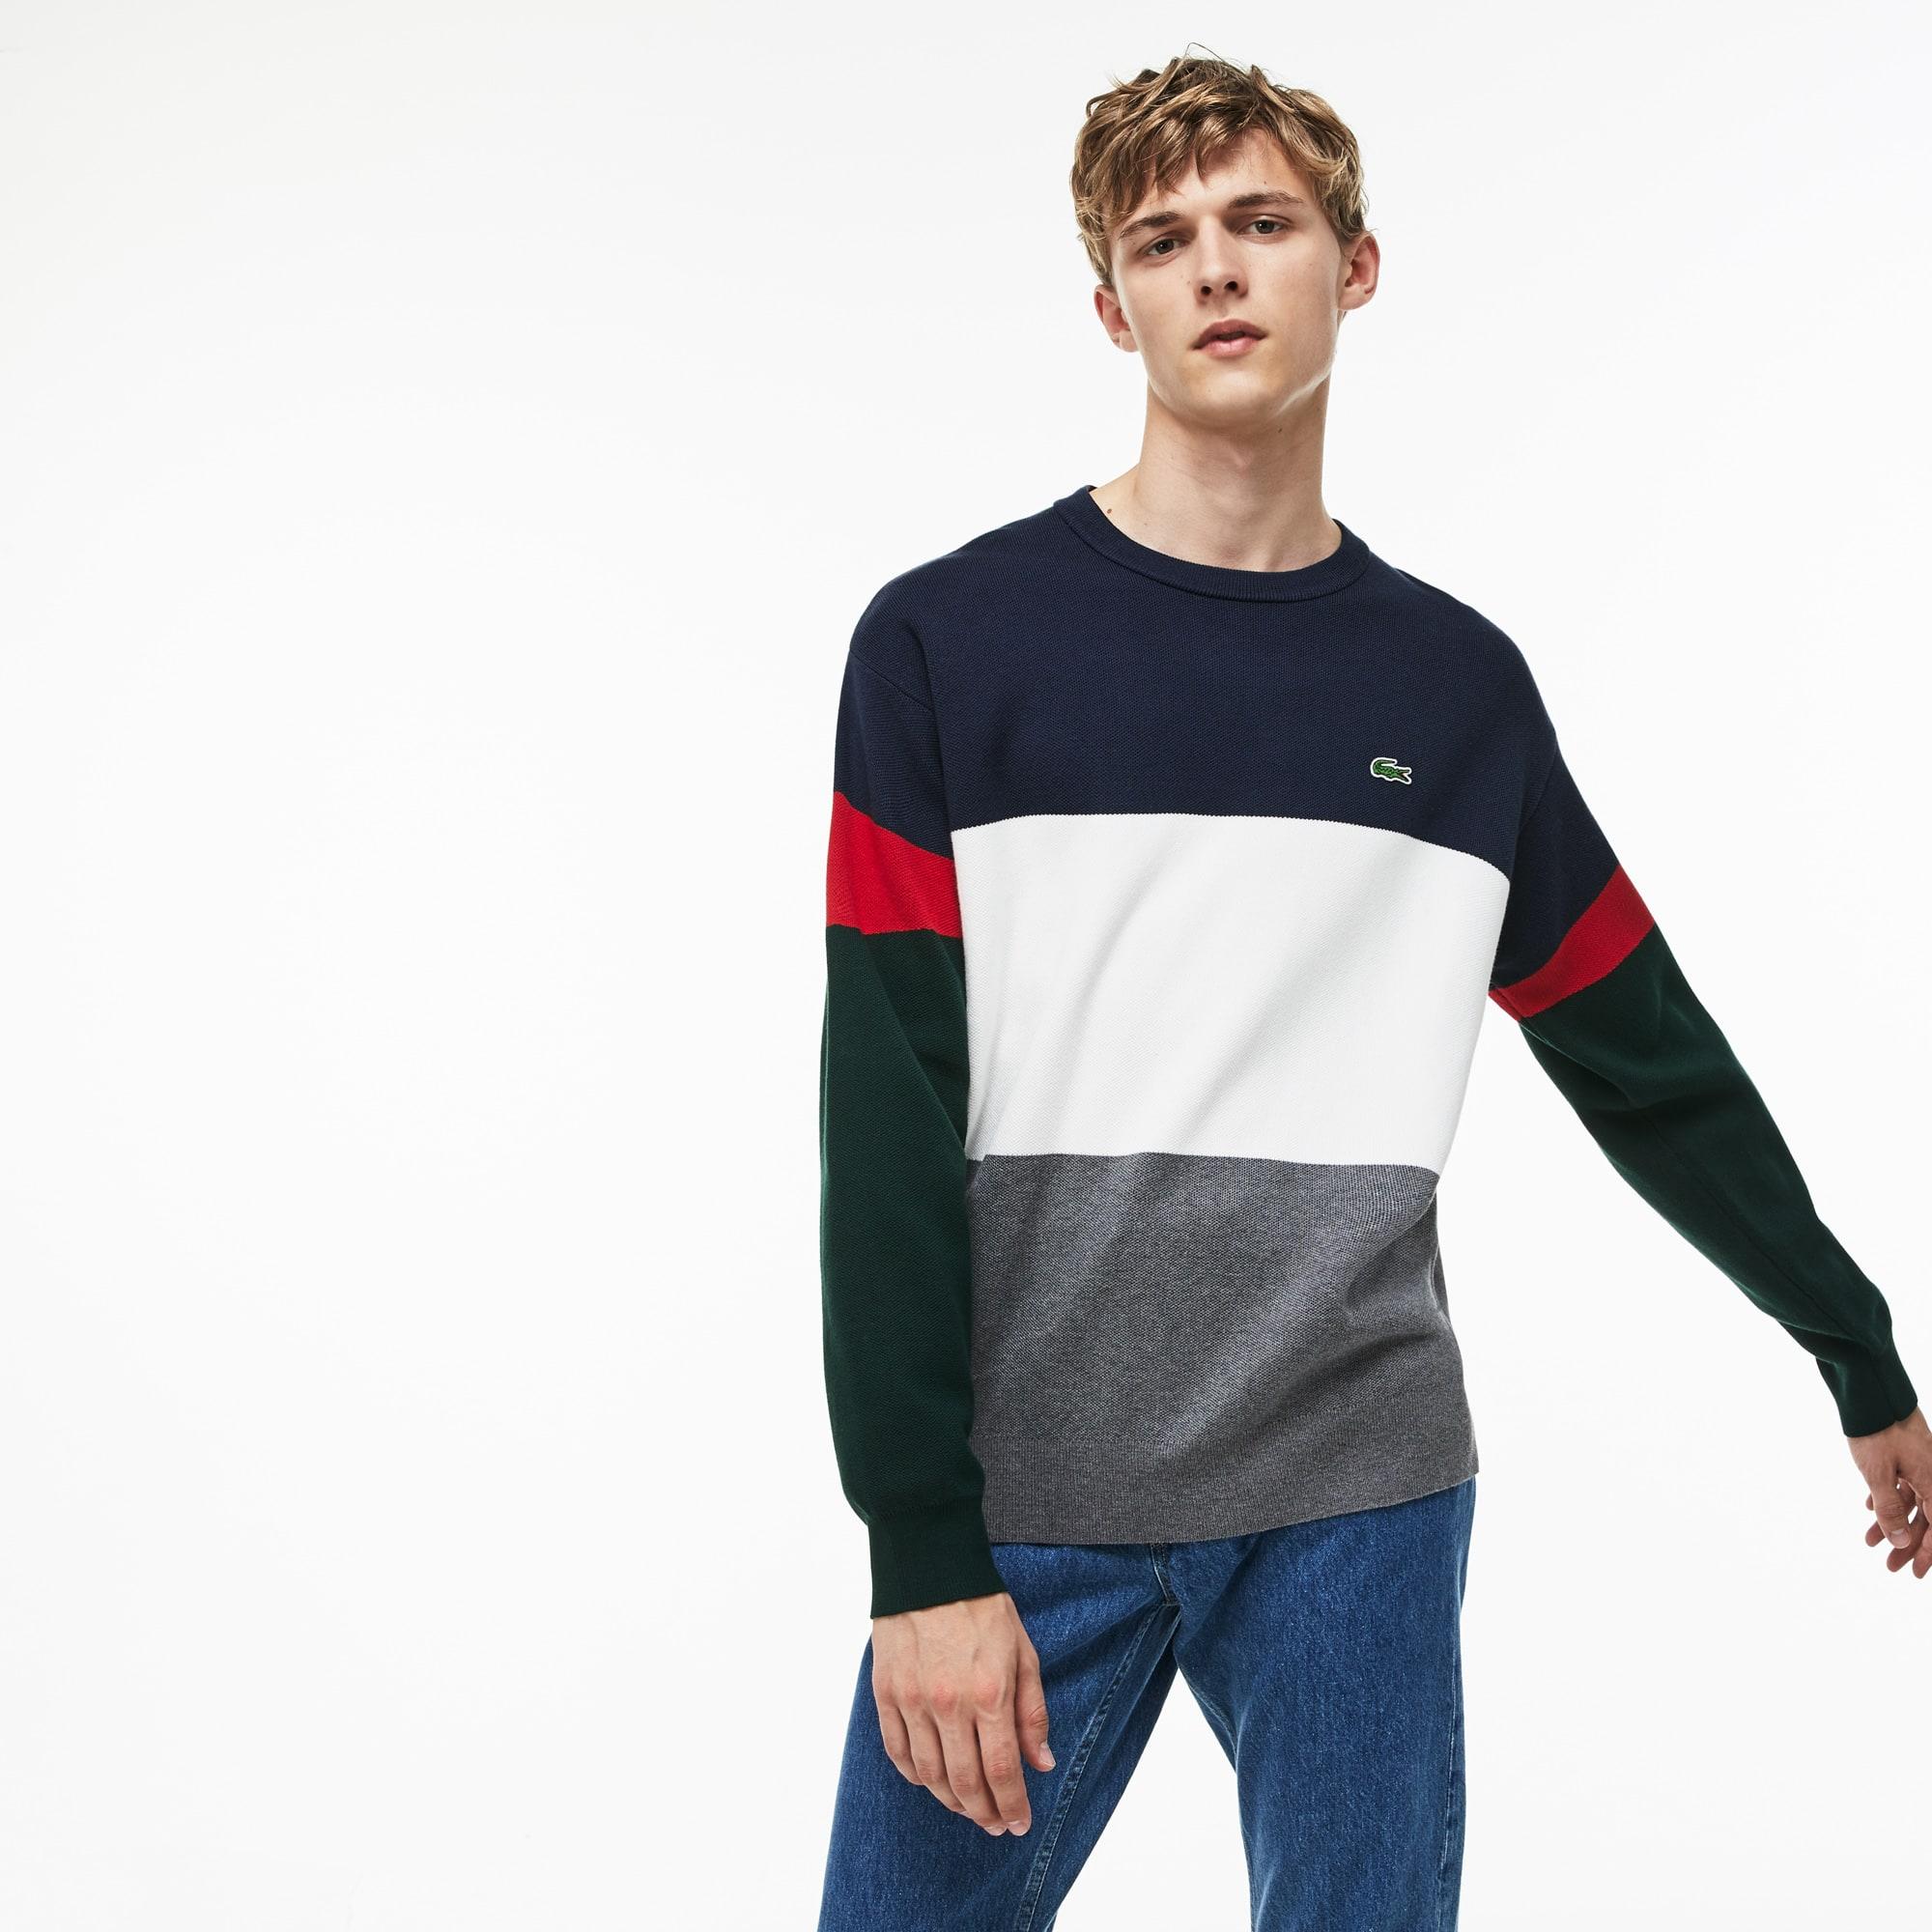 Herren-Rundhalspullover aus gerippter Baumwolle mit Colorblocks